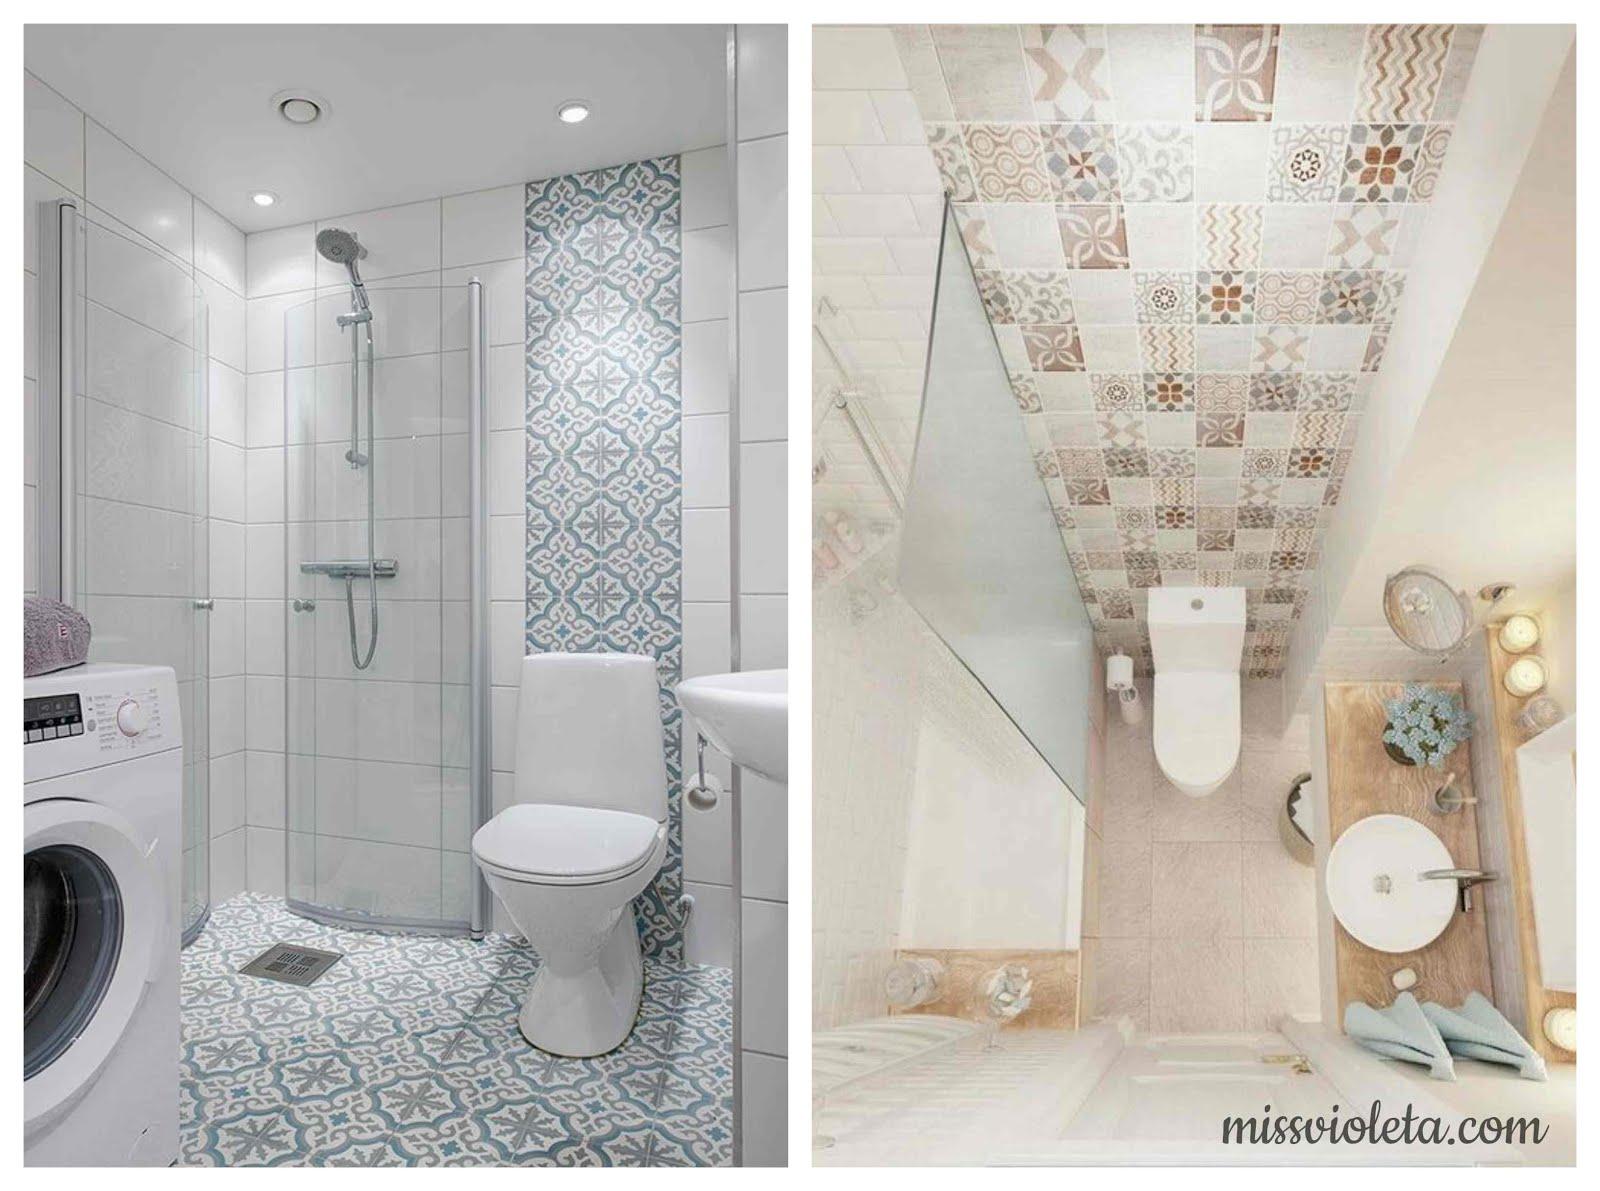 Decoración de baños: +50 fotos e ideas para decorar